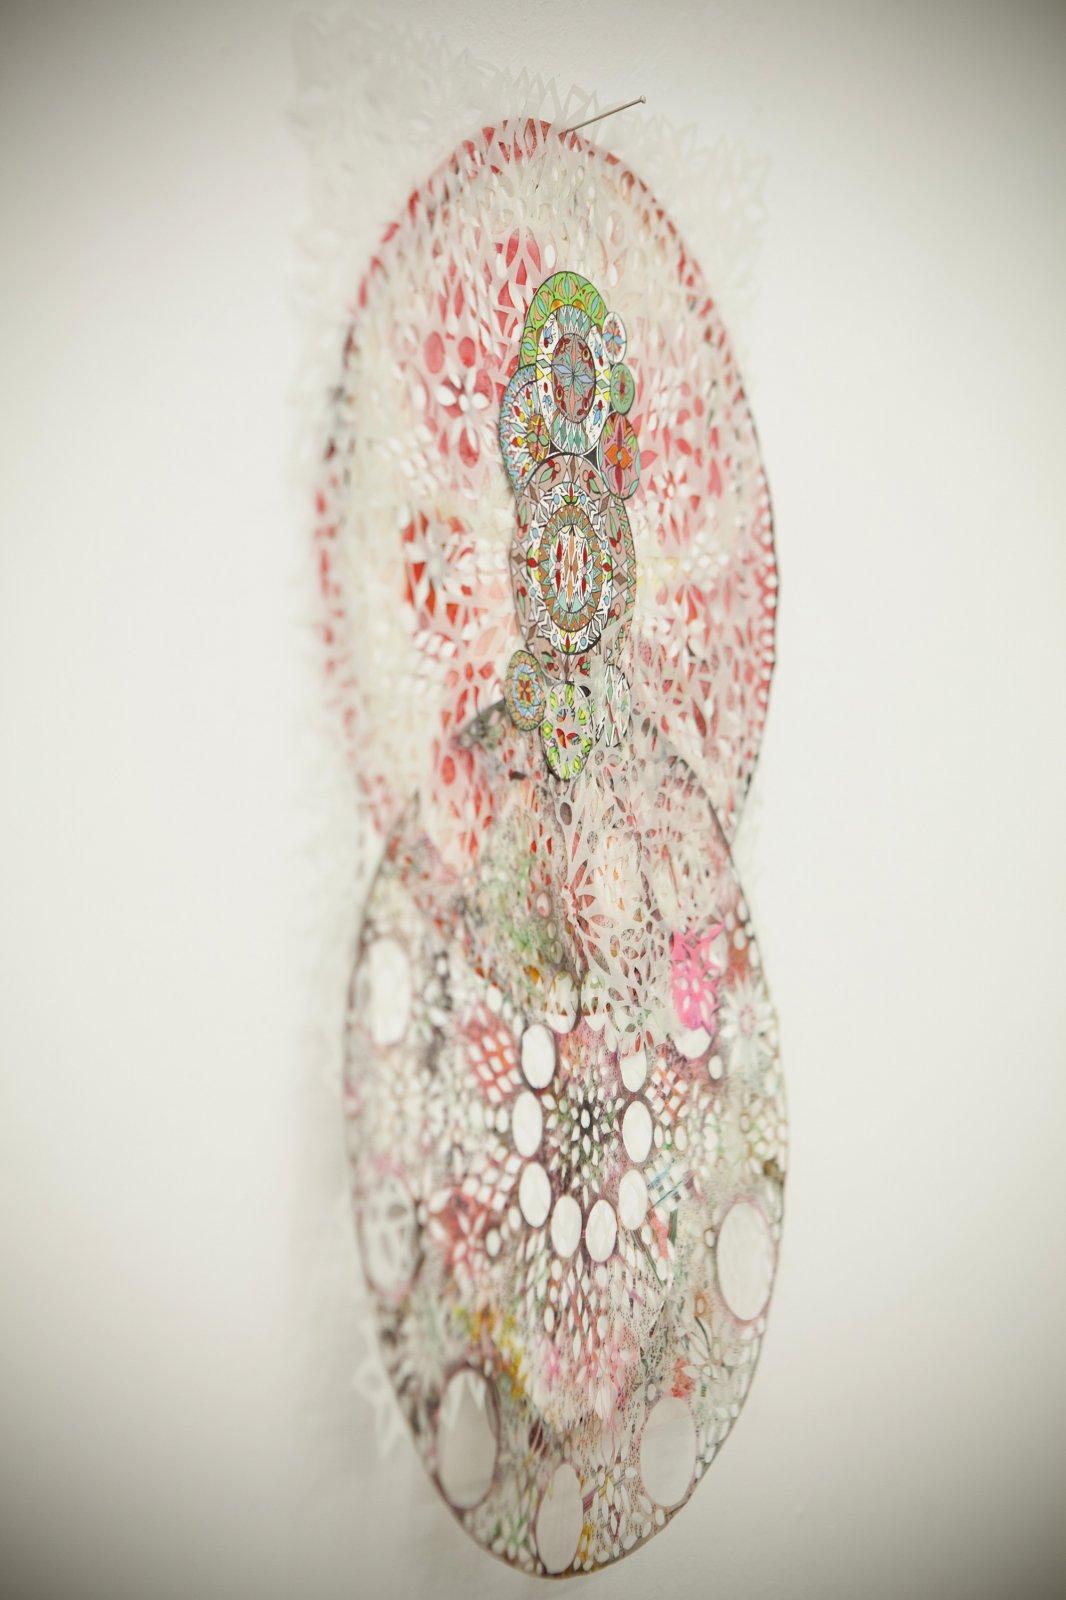 21. Galeria Alegria. \'Arte Expósito\'. Dunya Hirschter